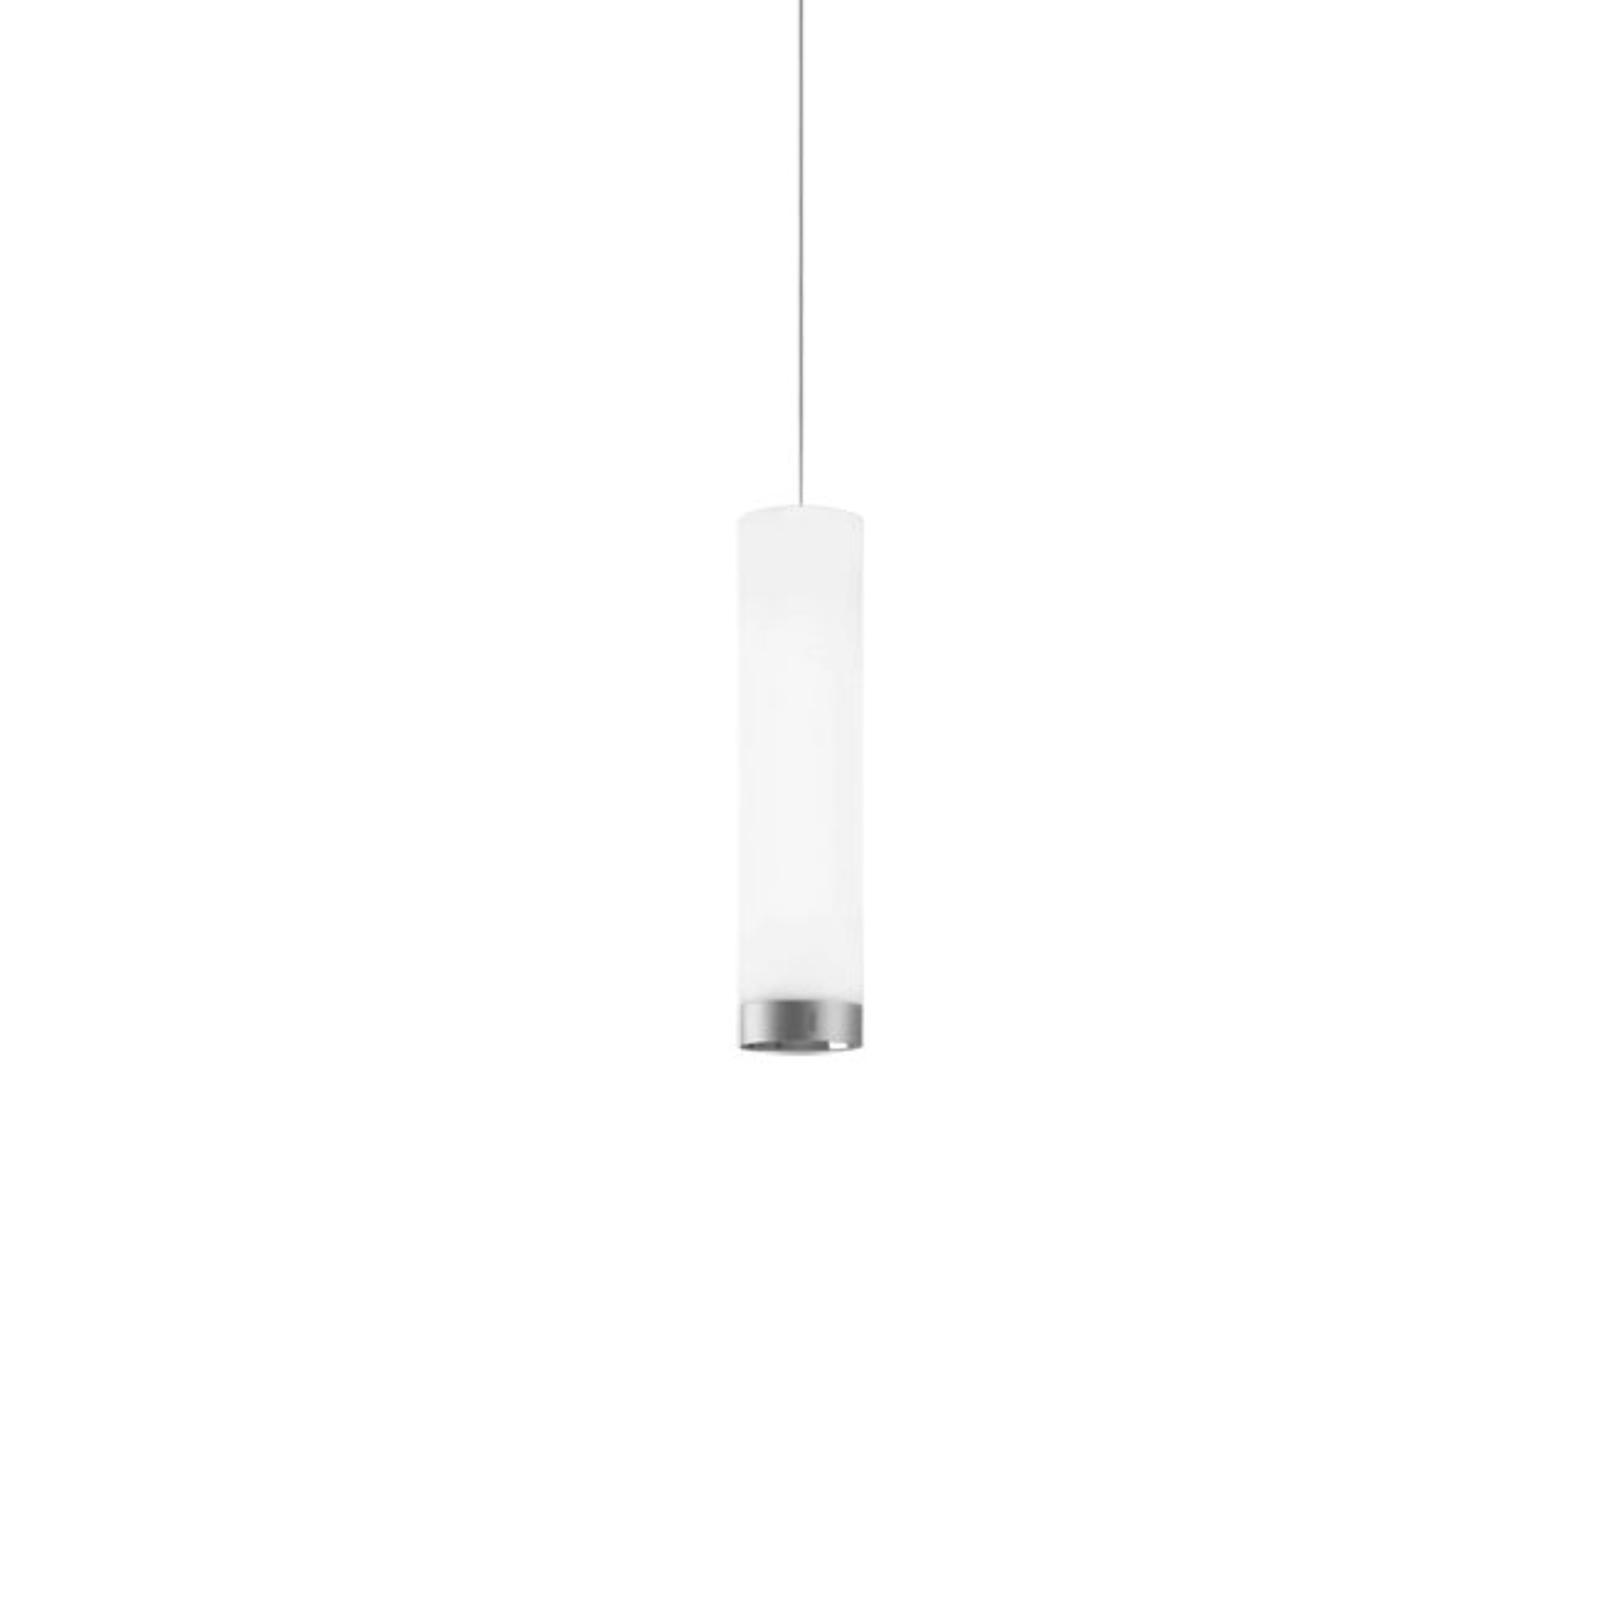 Lampa wisząca LED A20-P166, 67,5cm, 18W, 3000K